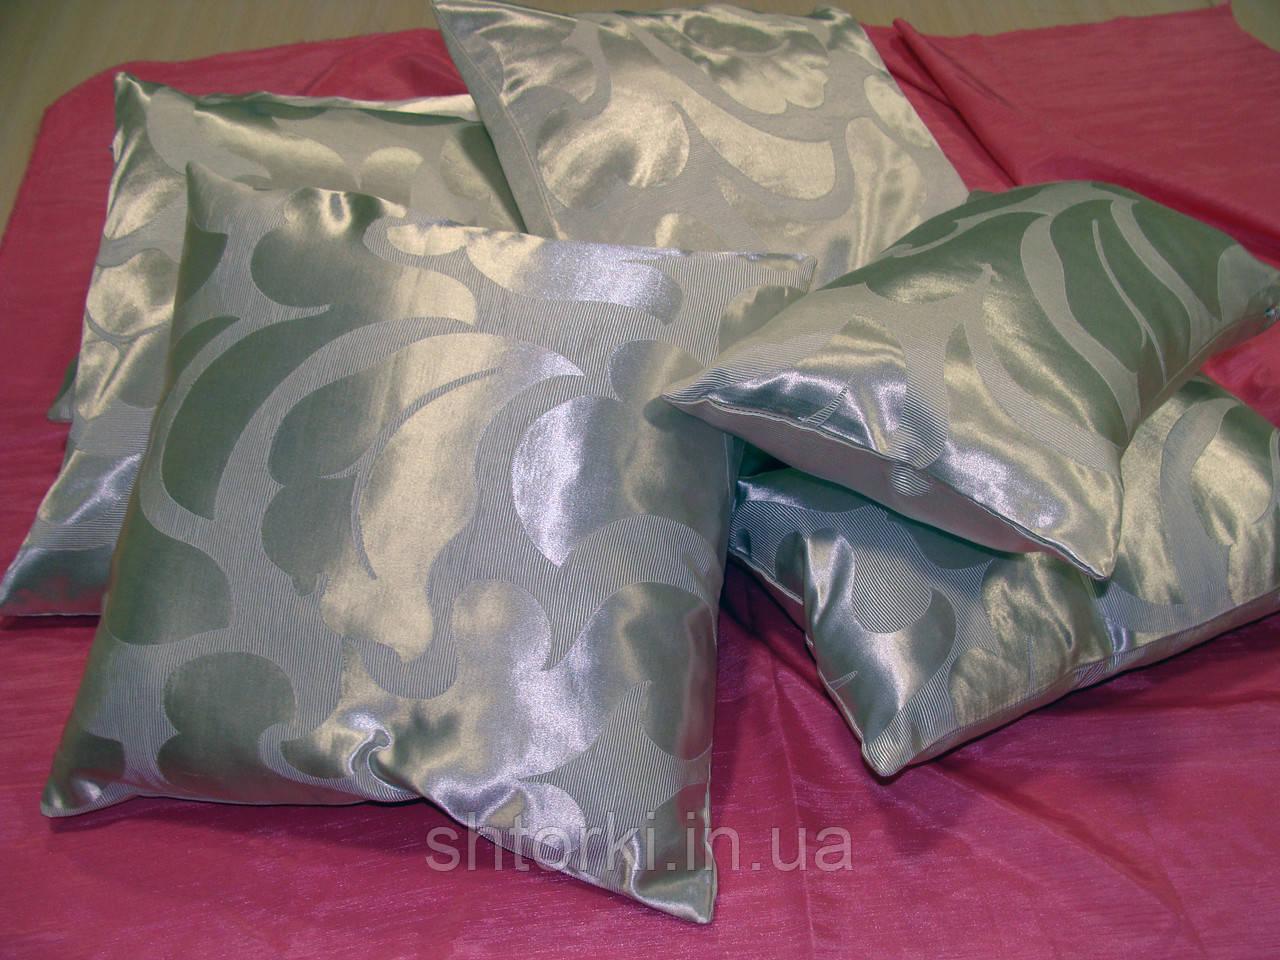 Комплект подушек молочные Завитки крупные 6шт